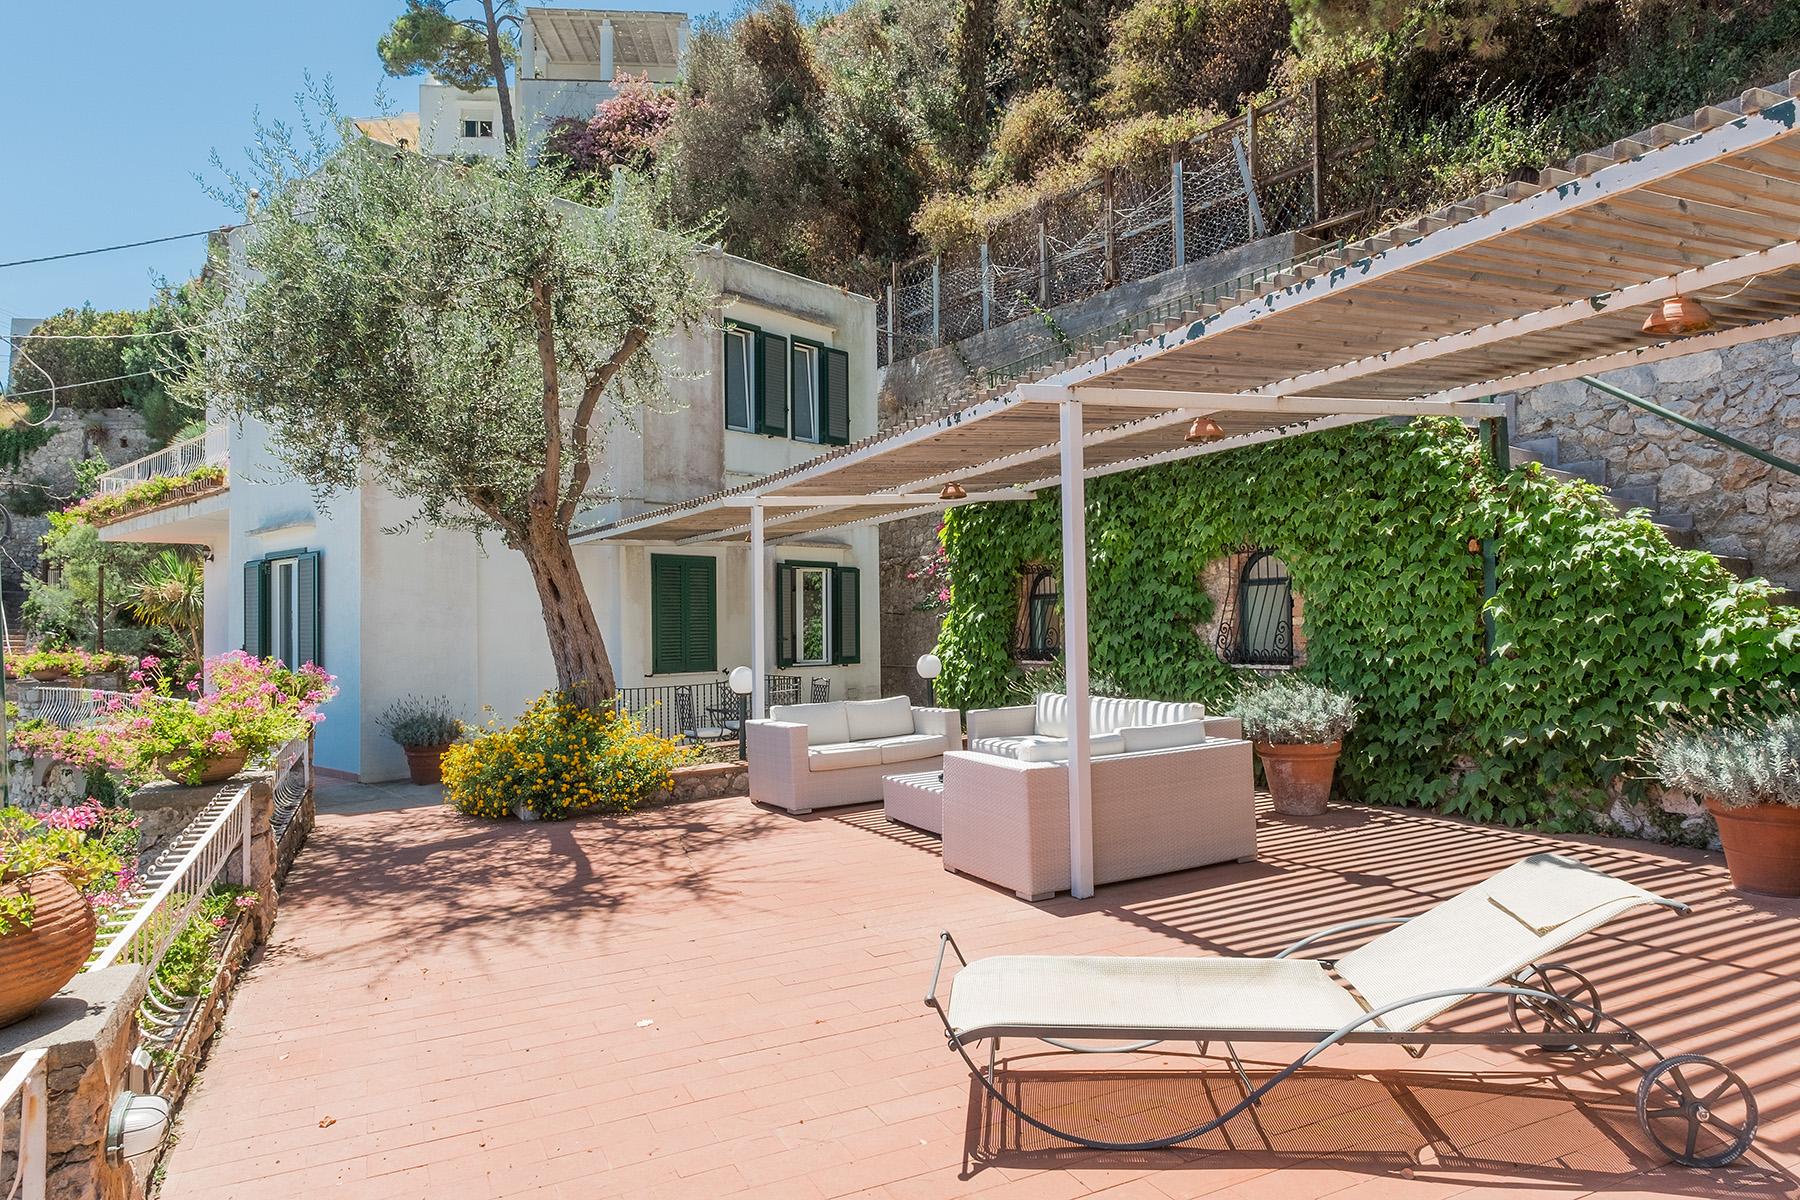 Villa di lusso in vendita a capri scala torina trovocasa for Villas in capri